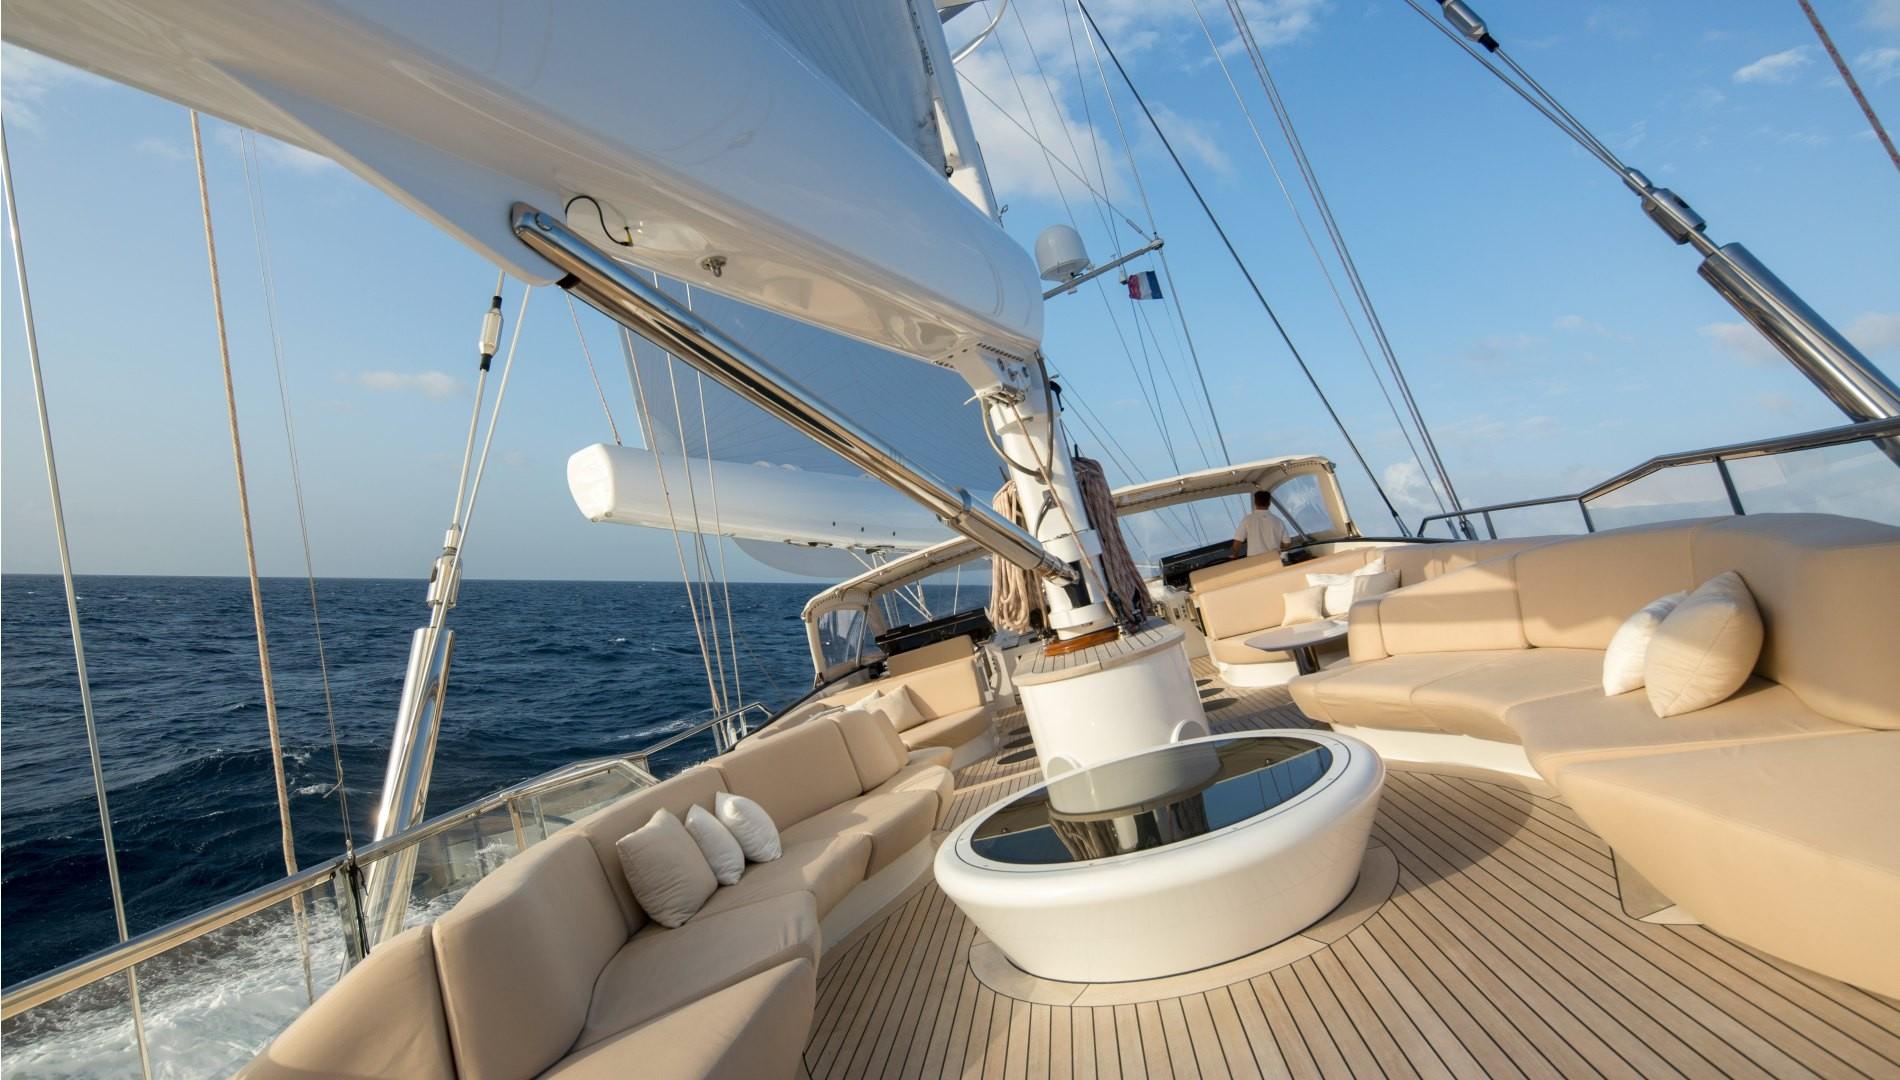 Yacht PANTHALASSA By Perini Navi - Sailing